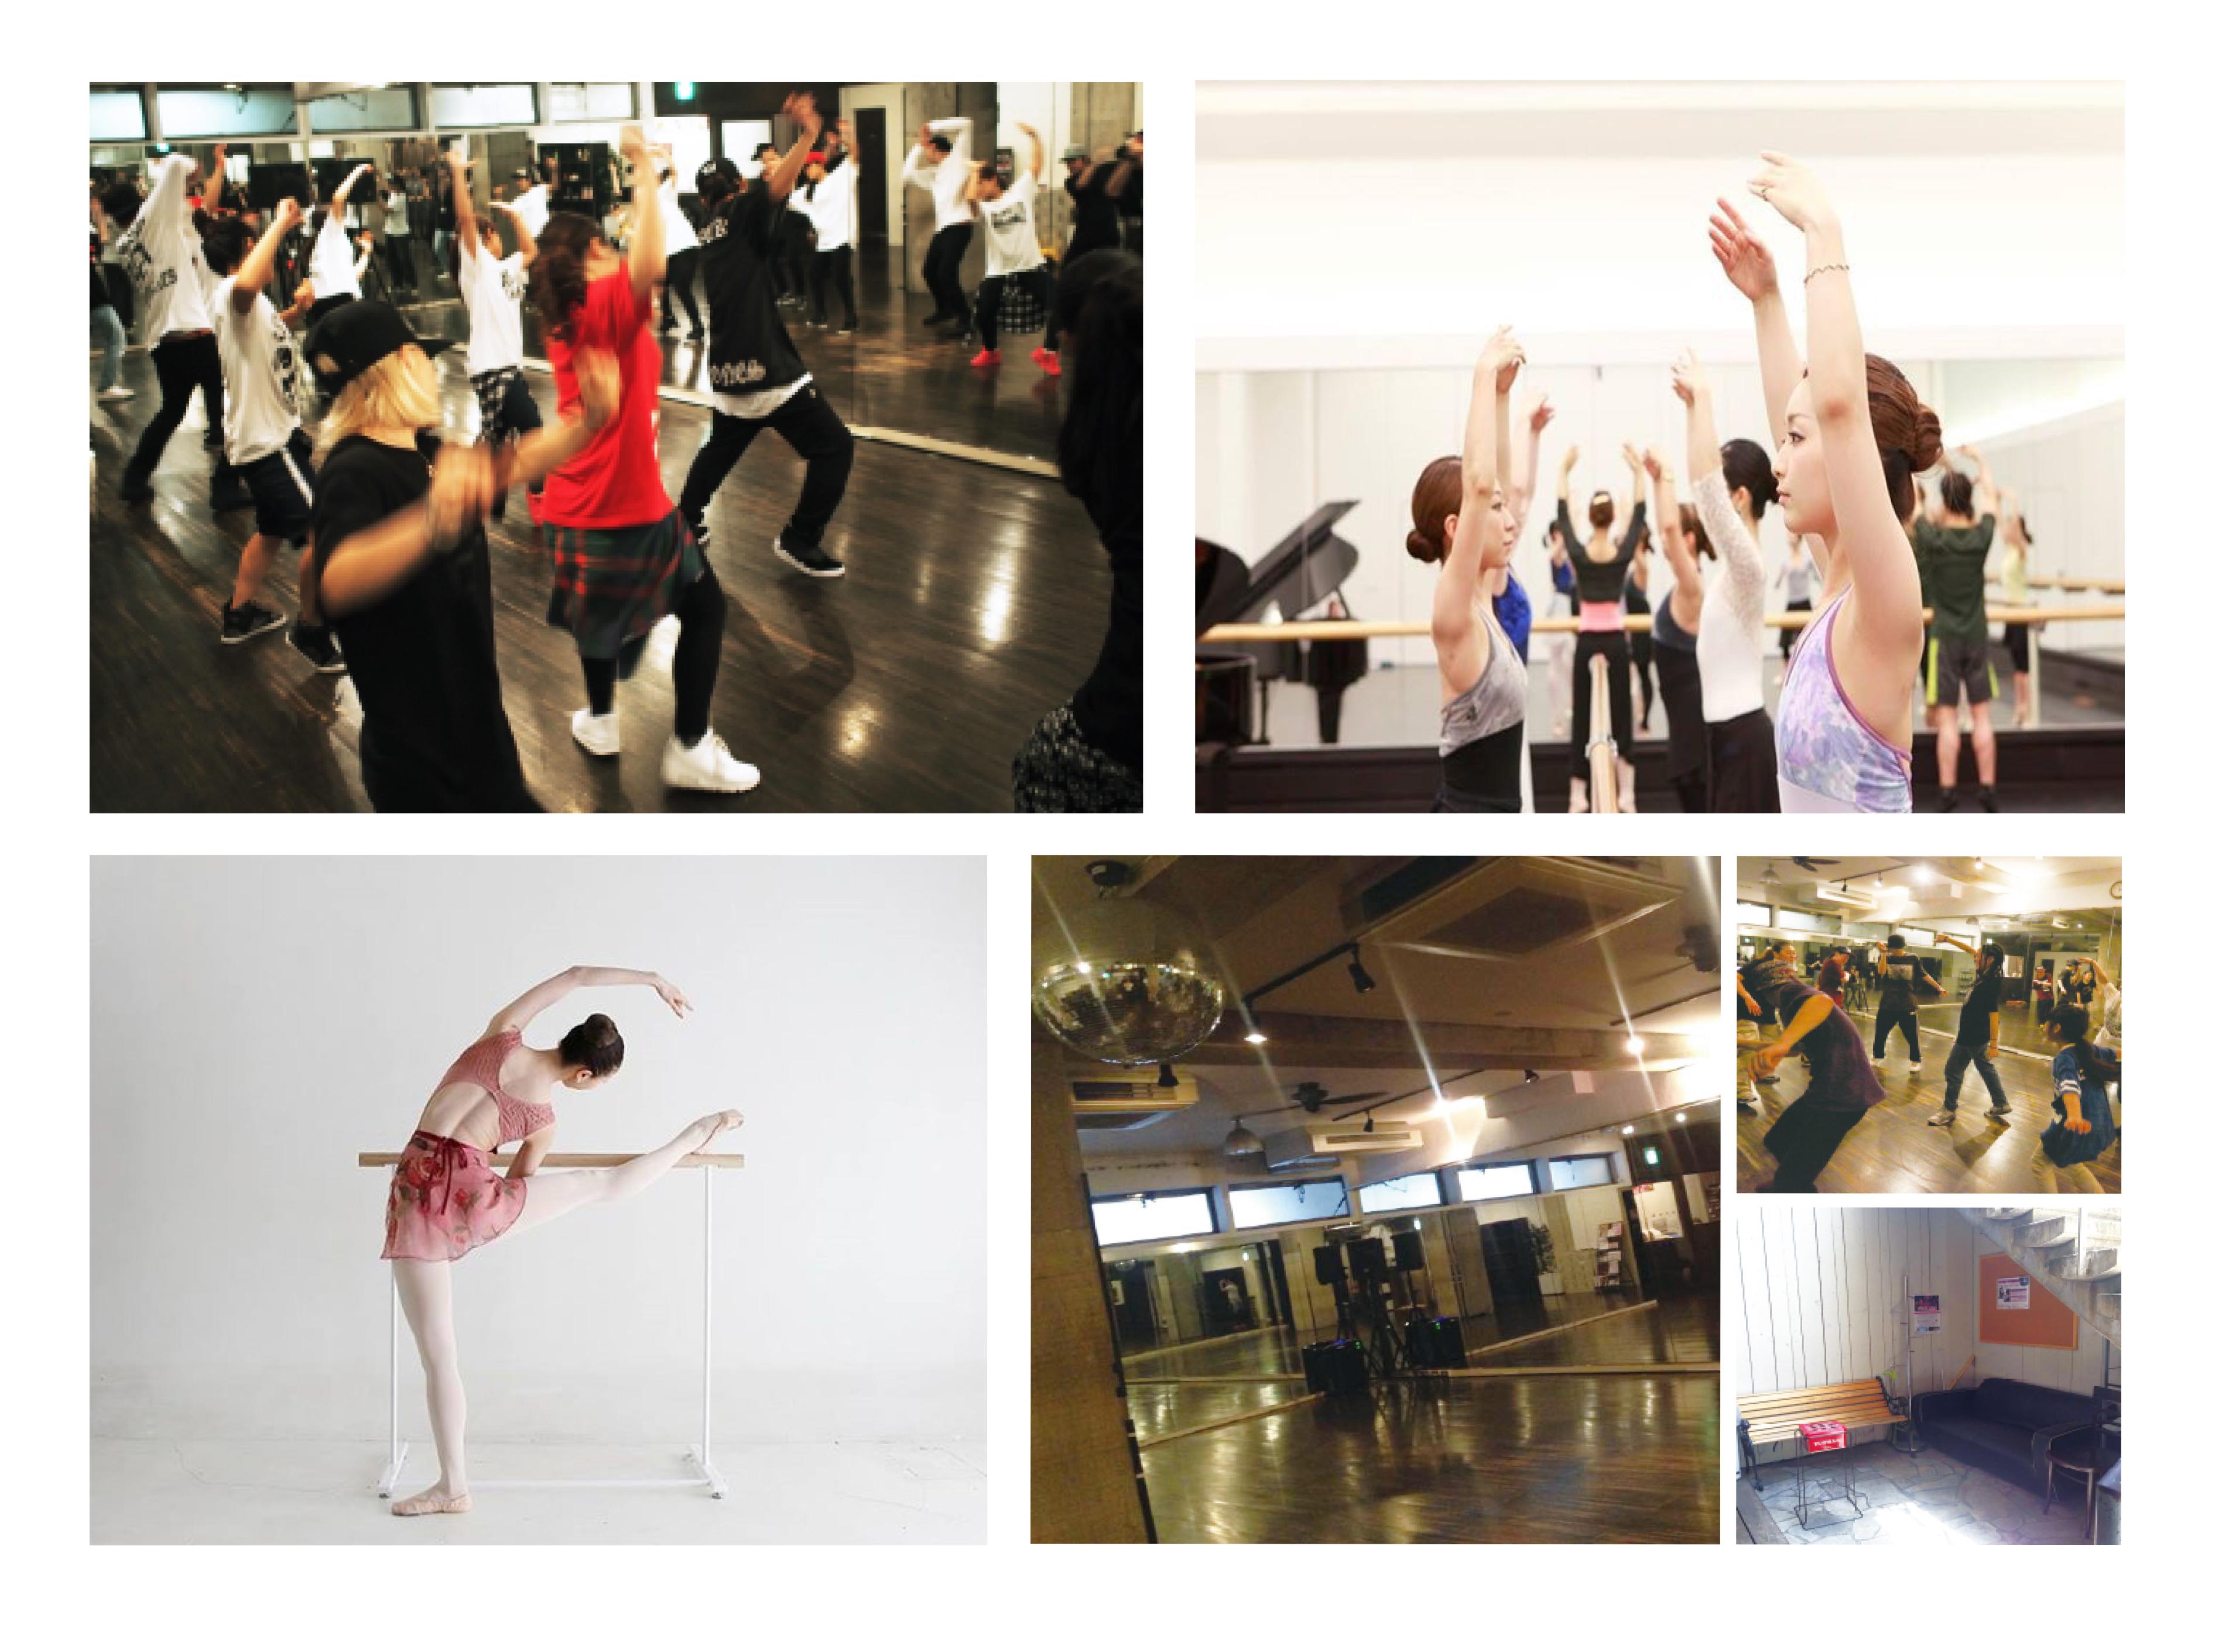 基礎、いろいろなジャンルを学ぶことが上達につながる!!この夏あなたのダンスレッスンを応援するスペシャル企画!